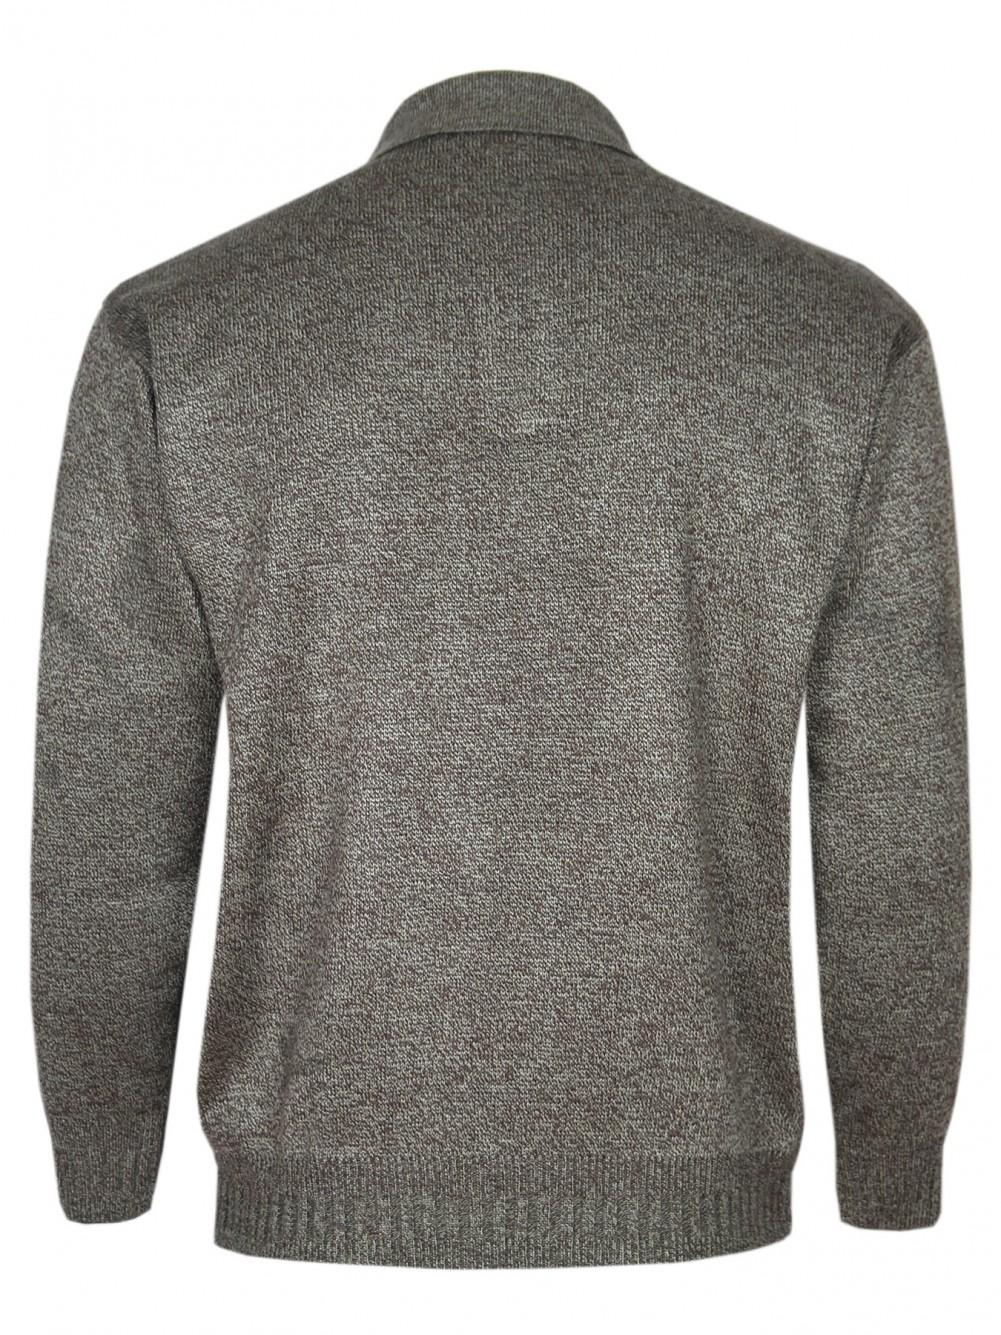 Herren Polo-Pullover mit kurzer Knopfleiste - Braun/Hinteransicht